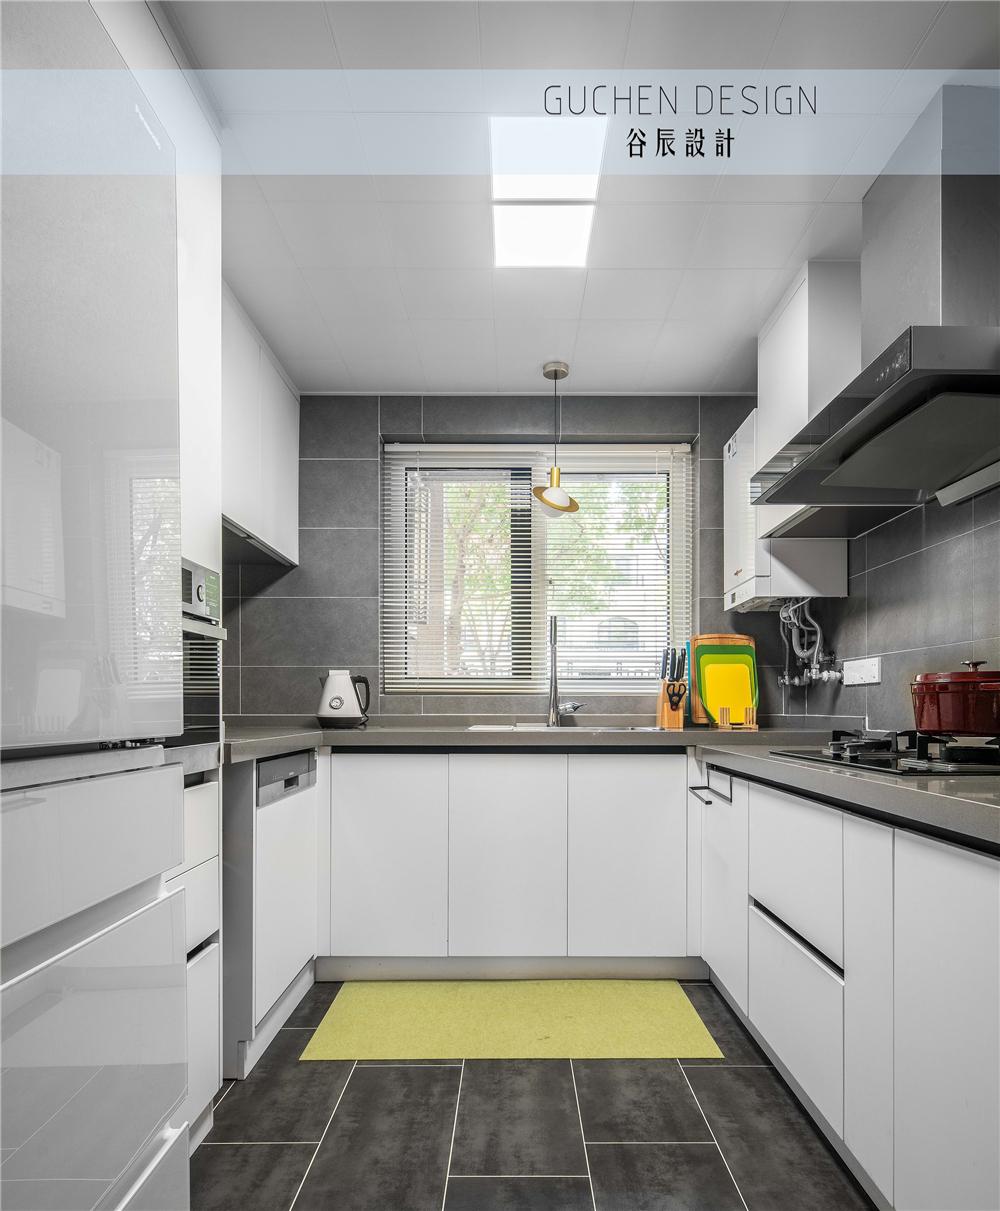 125㎡现代简约复式装修厨房效果图